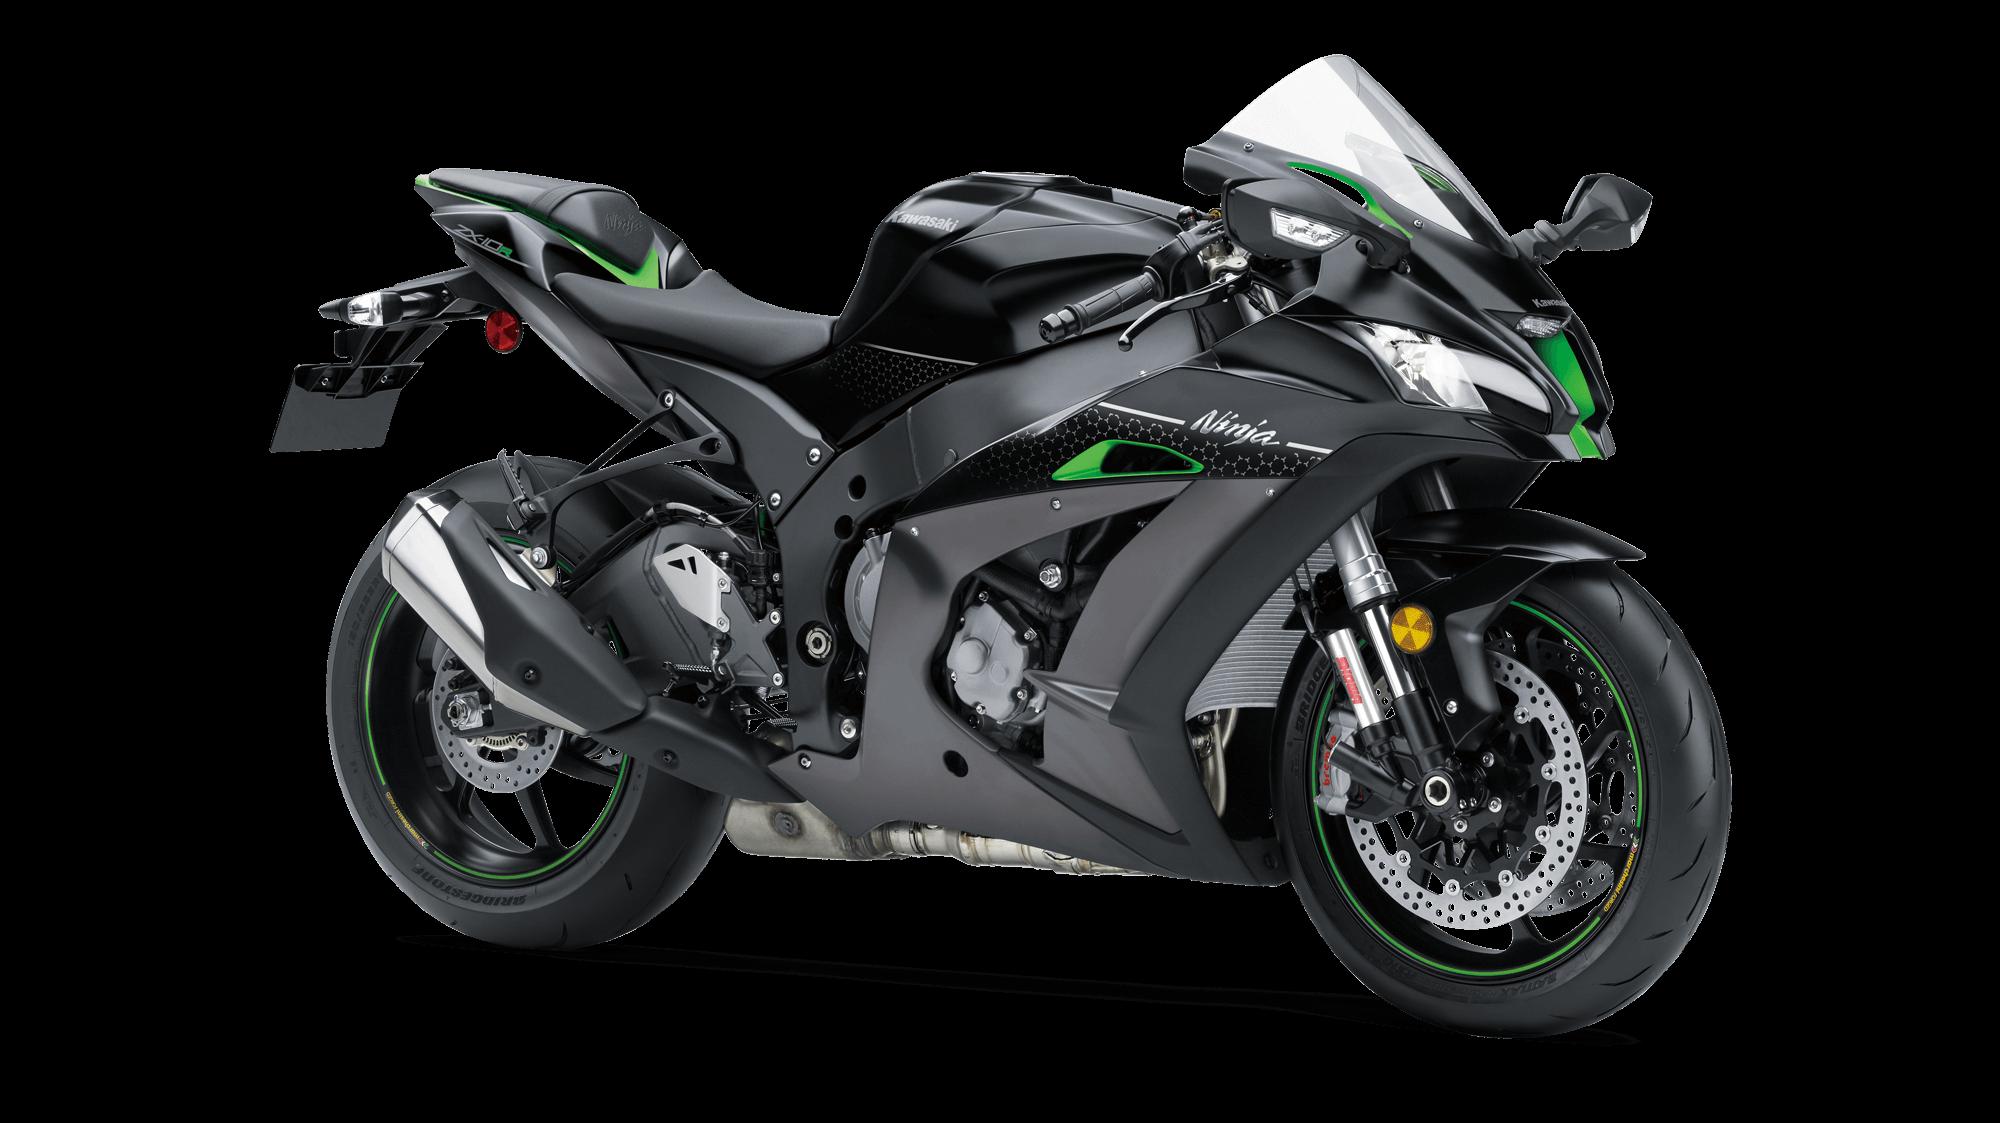 2018 Ninja Zx 10r Se Ninja Motorcycle By Kawasaki